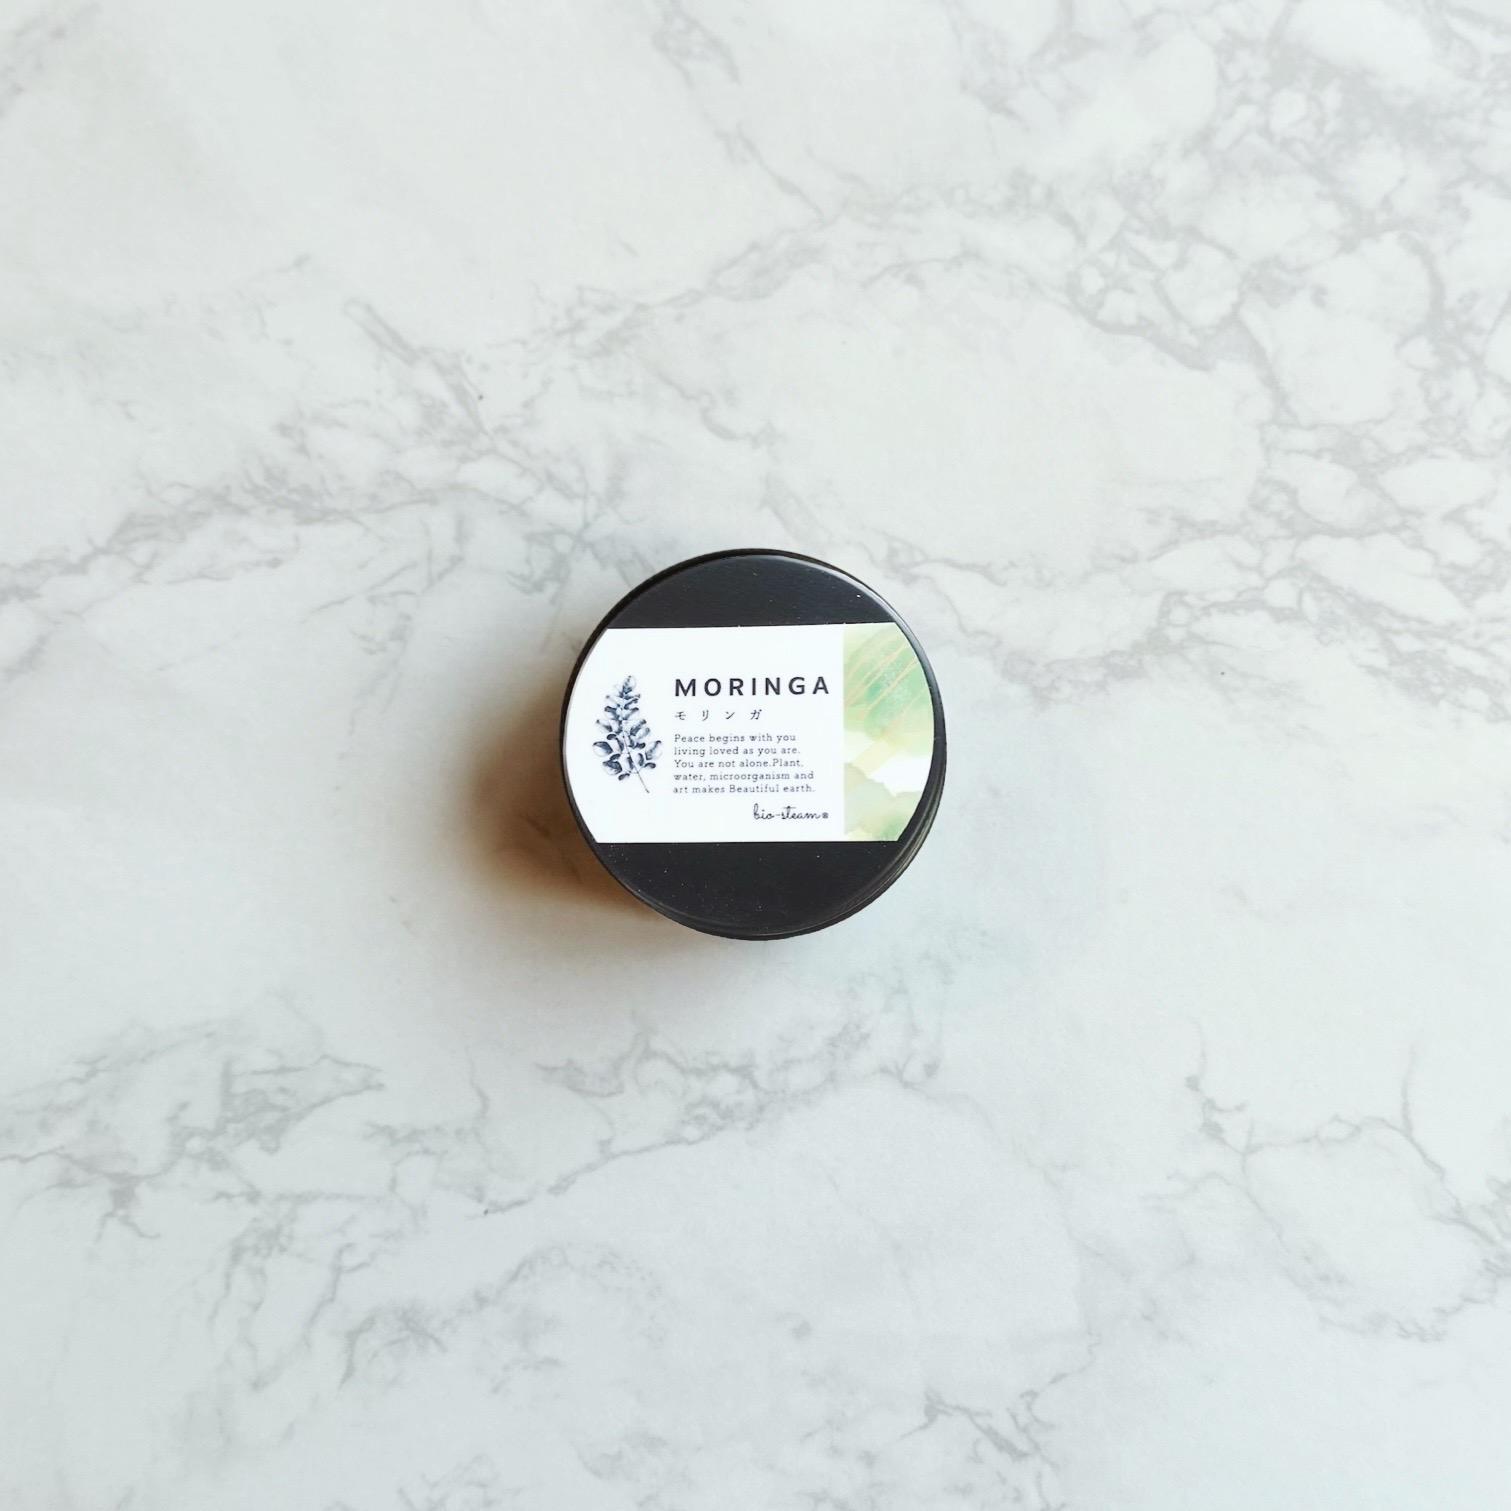 ★【Black Label】 国産モリンガパウダー